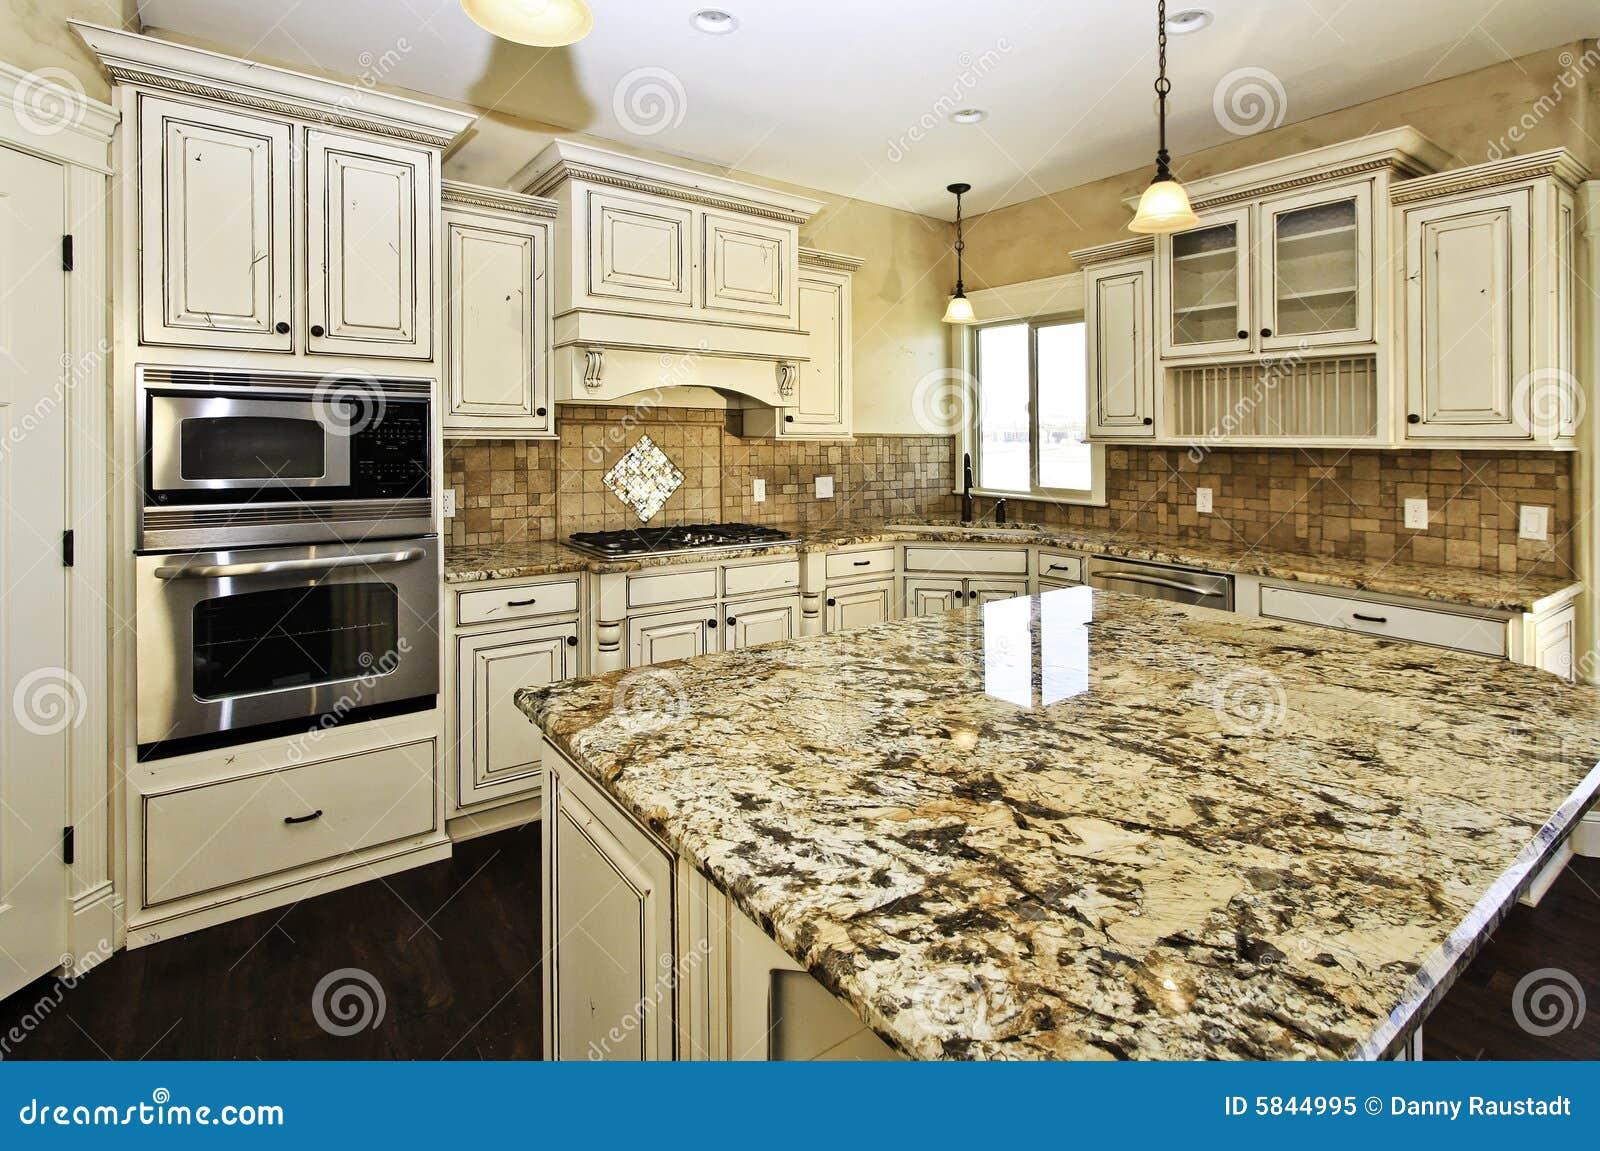 Cucina di lusso bianca spaziosa fotografia stock libera da diritti immagine 5844995 - Cucine lussuose moderne ...